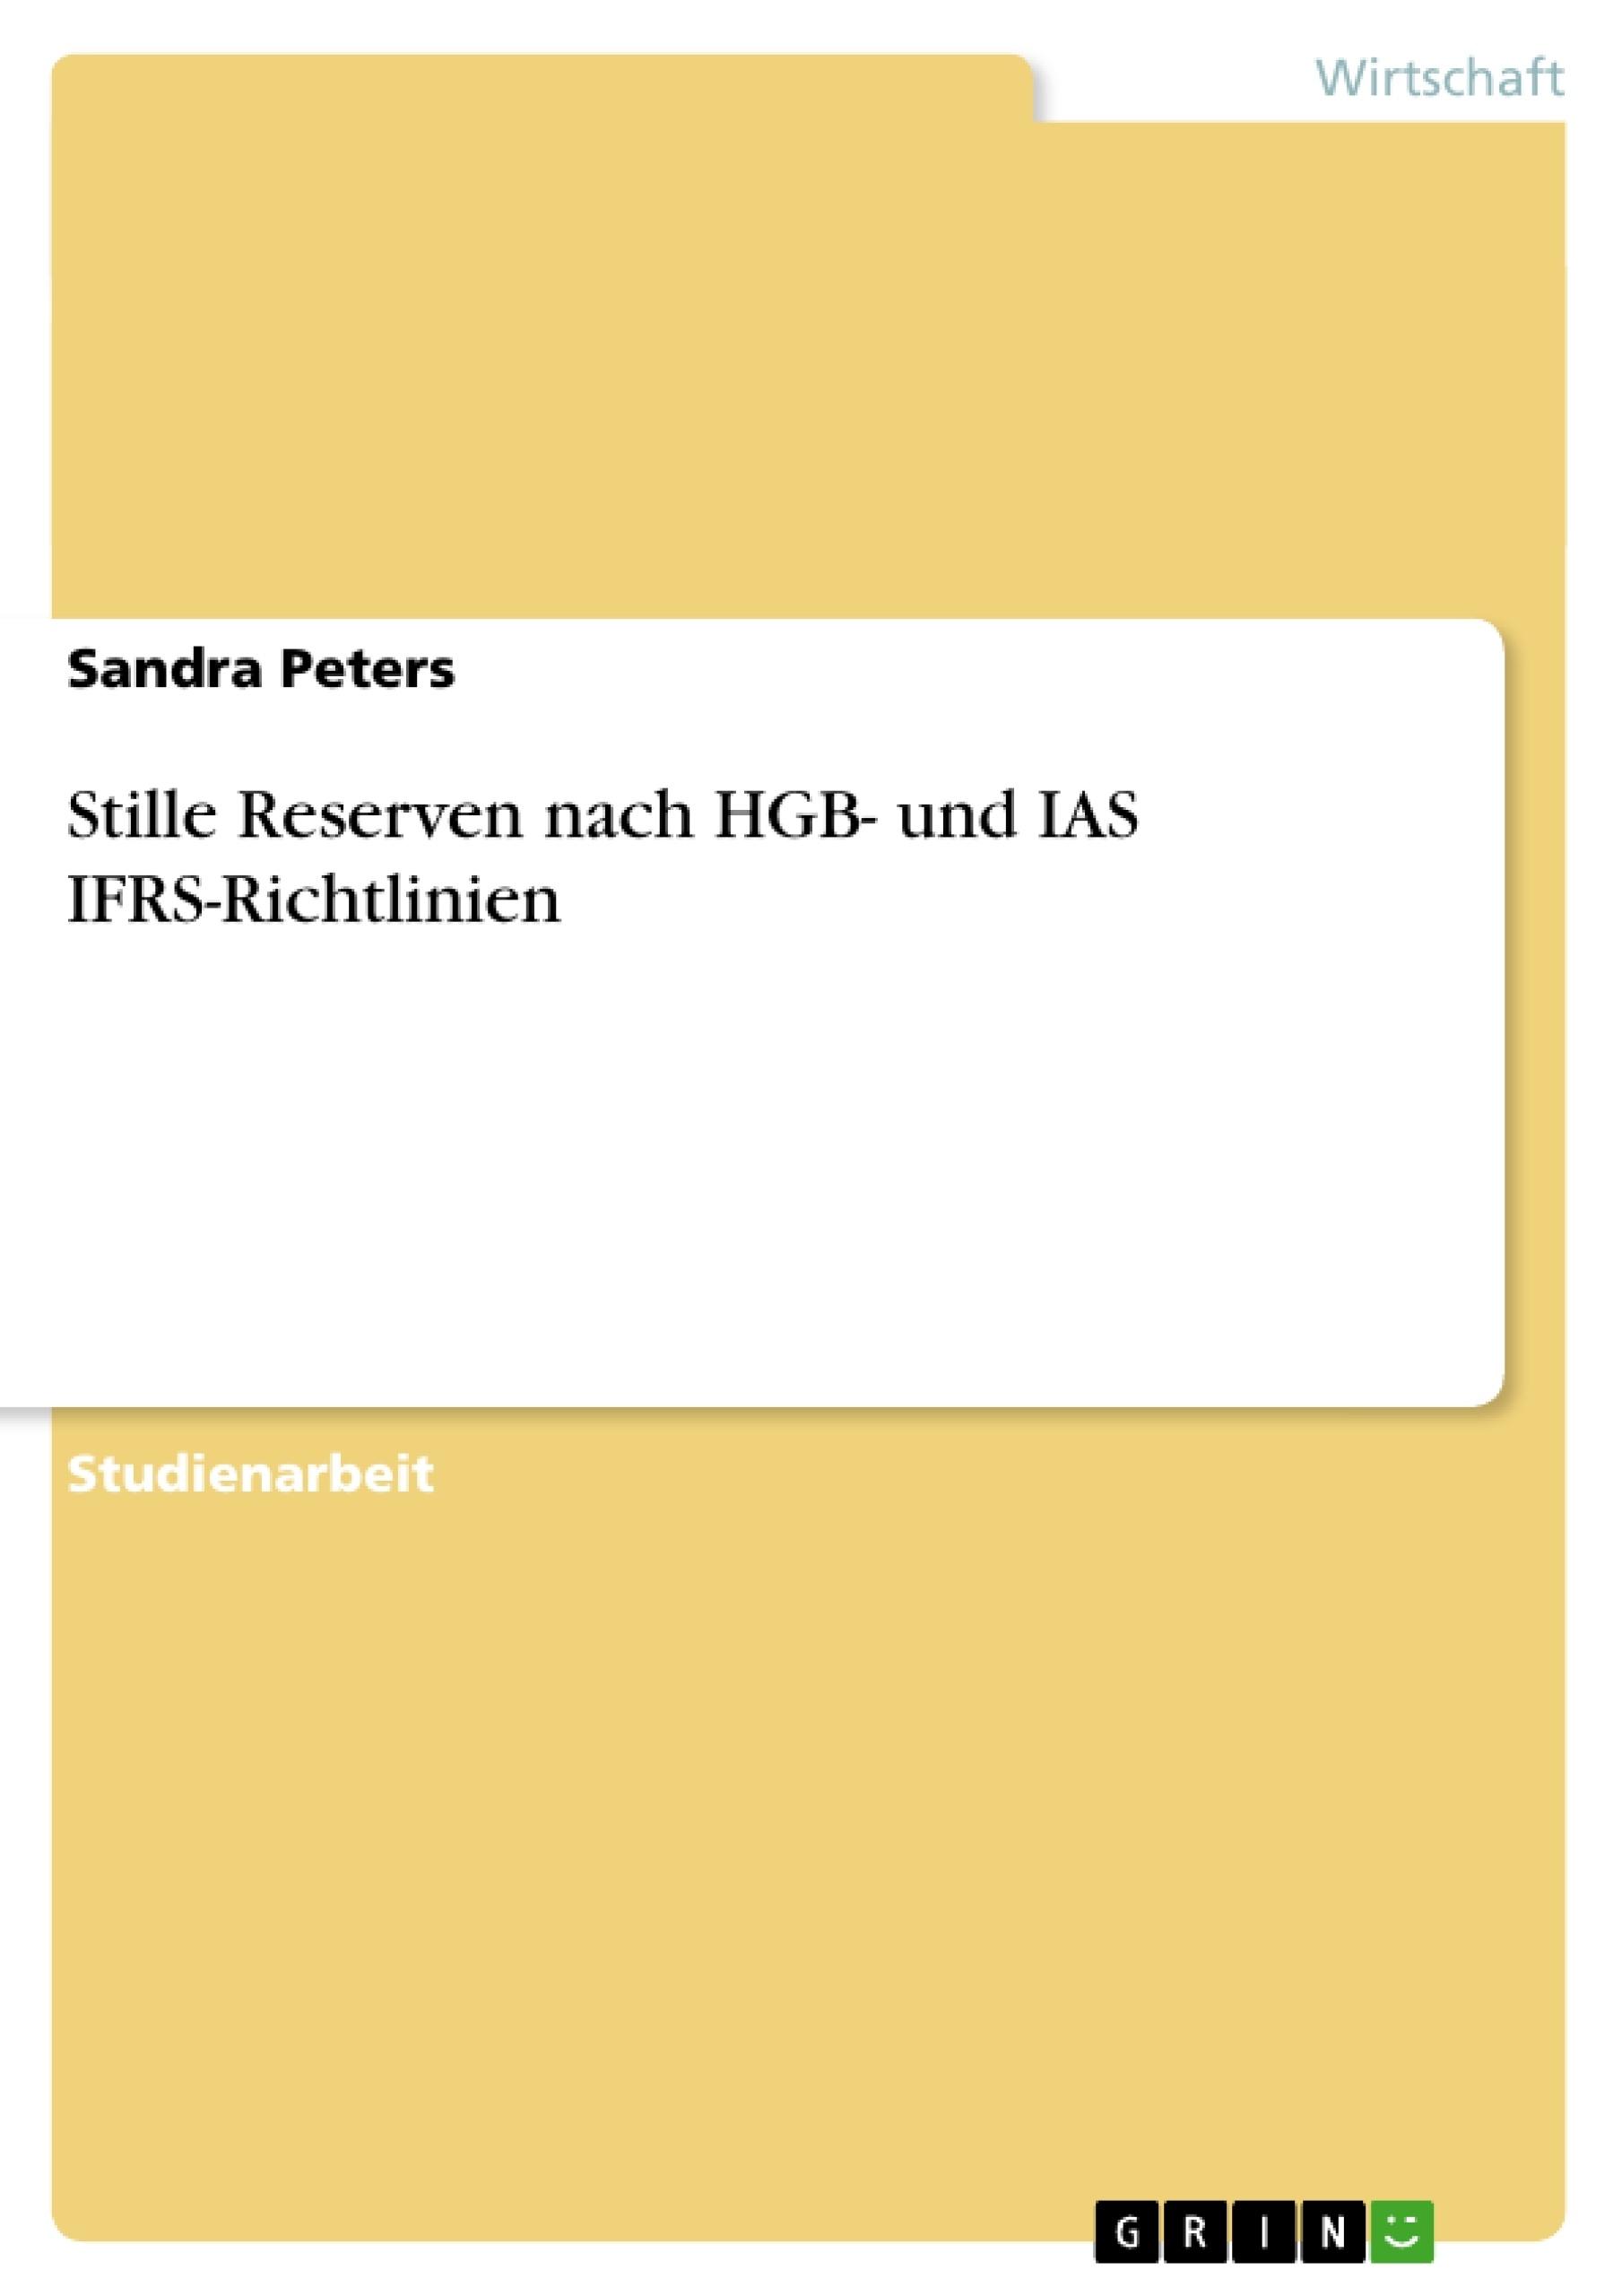 Titel: Stille Reserven nach HGB- und IAS IFRS-Richtlinien